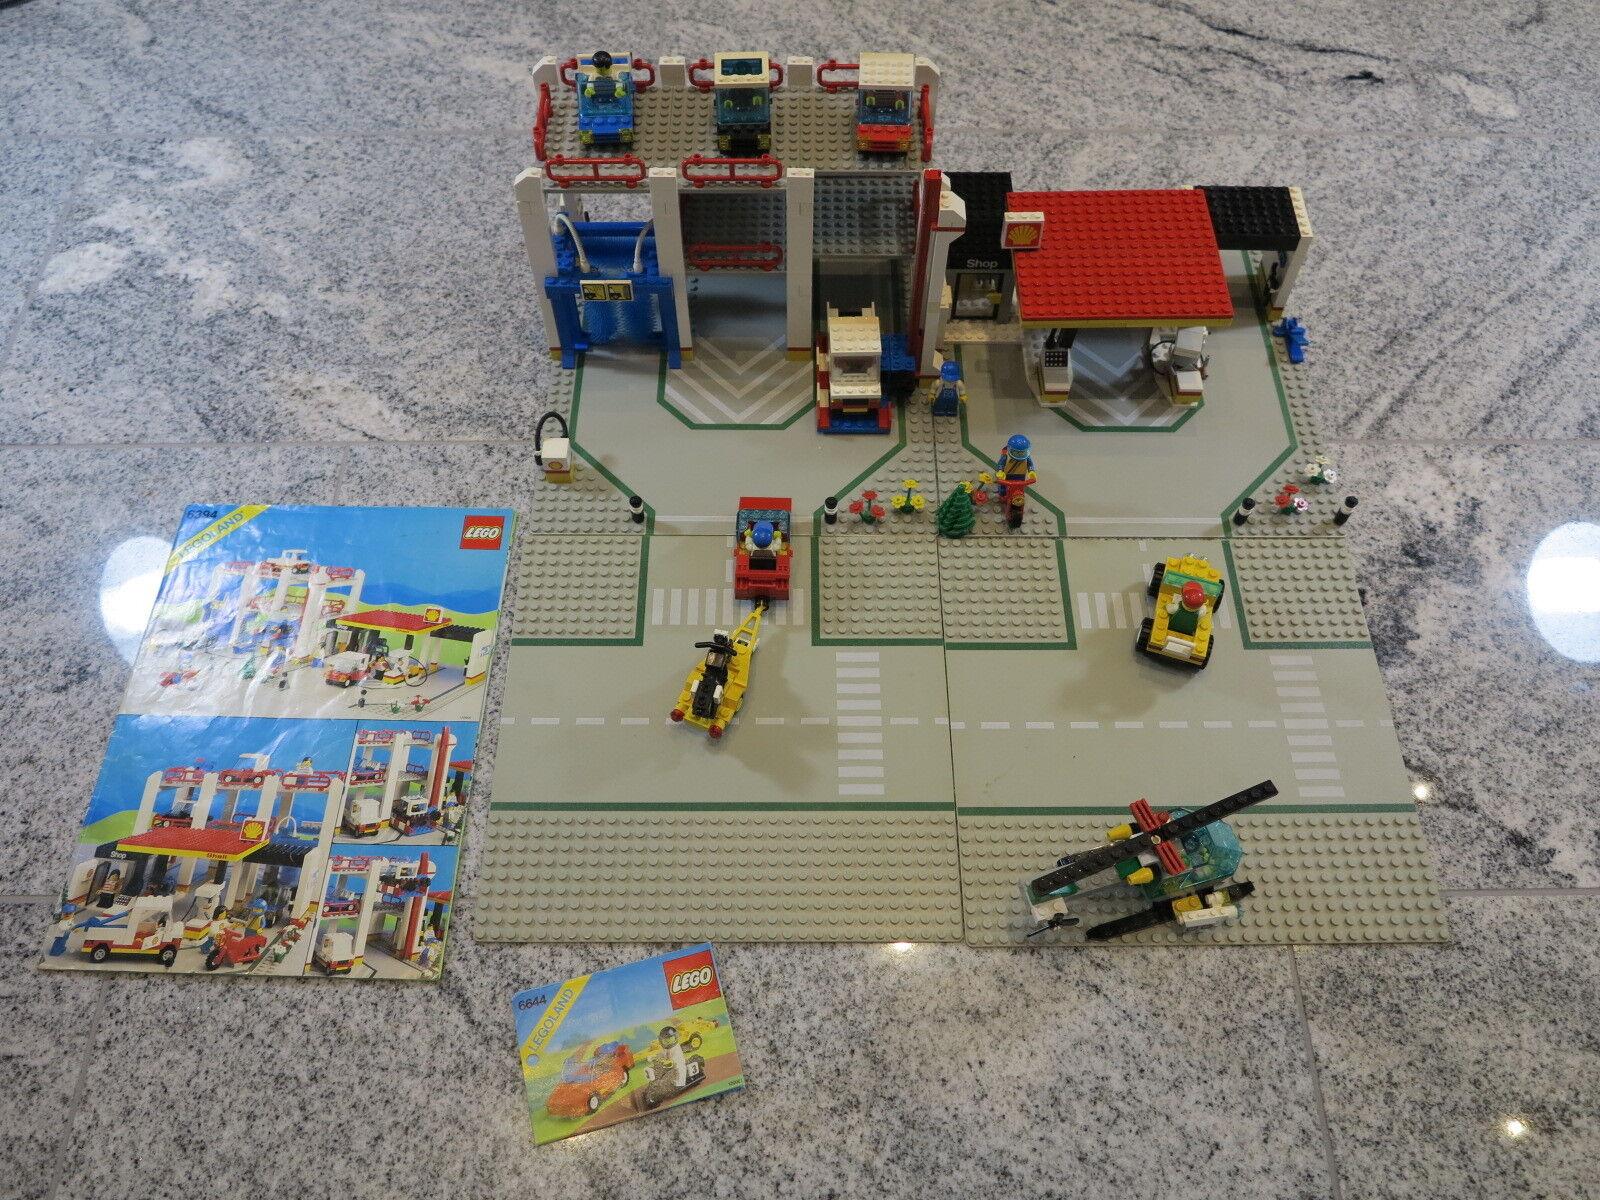 LEGO LEGOLAND 6394+6425+6644 Parkhaus Tankstelle Hubschrauber +Platten +OBA uvm.